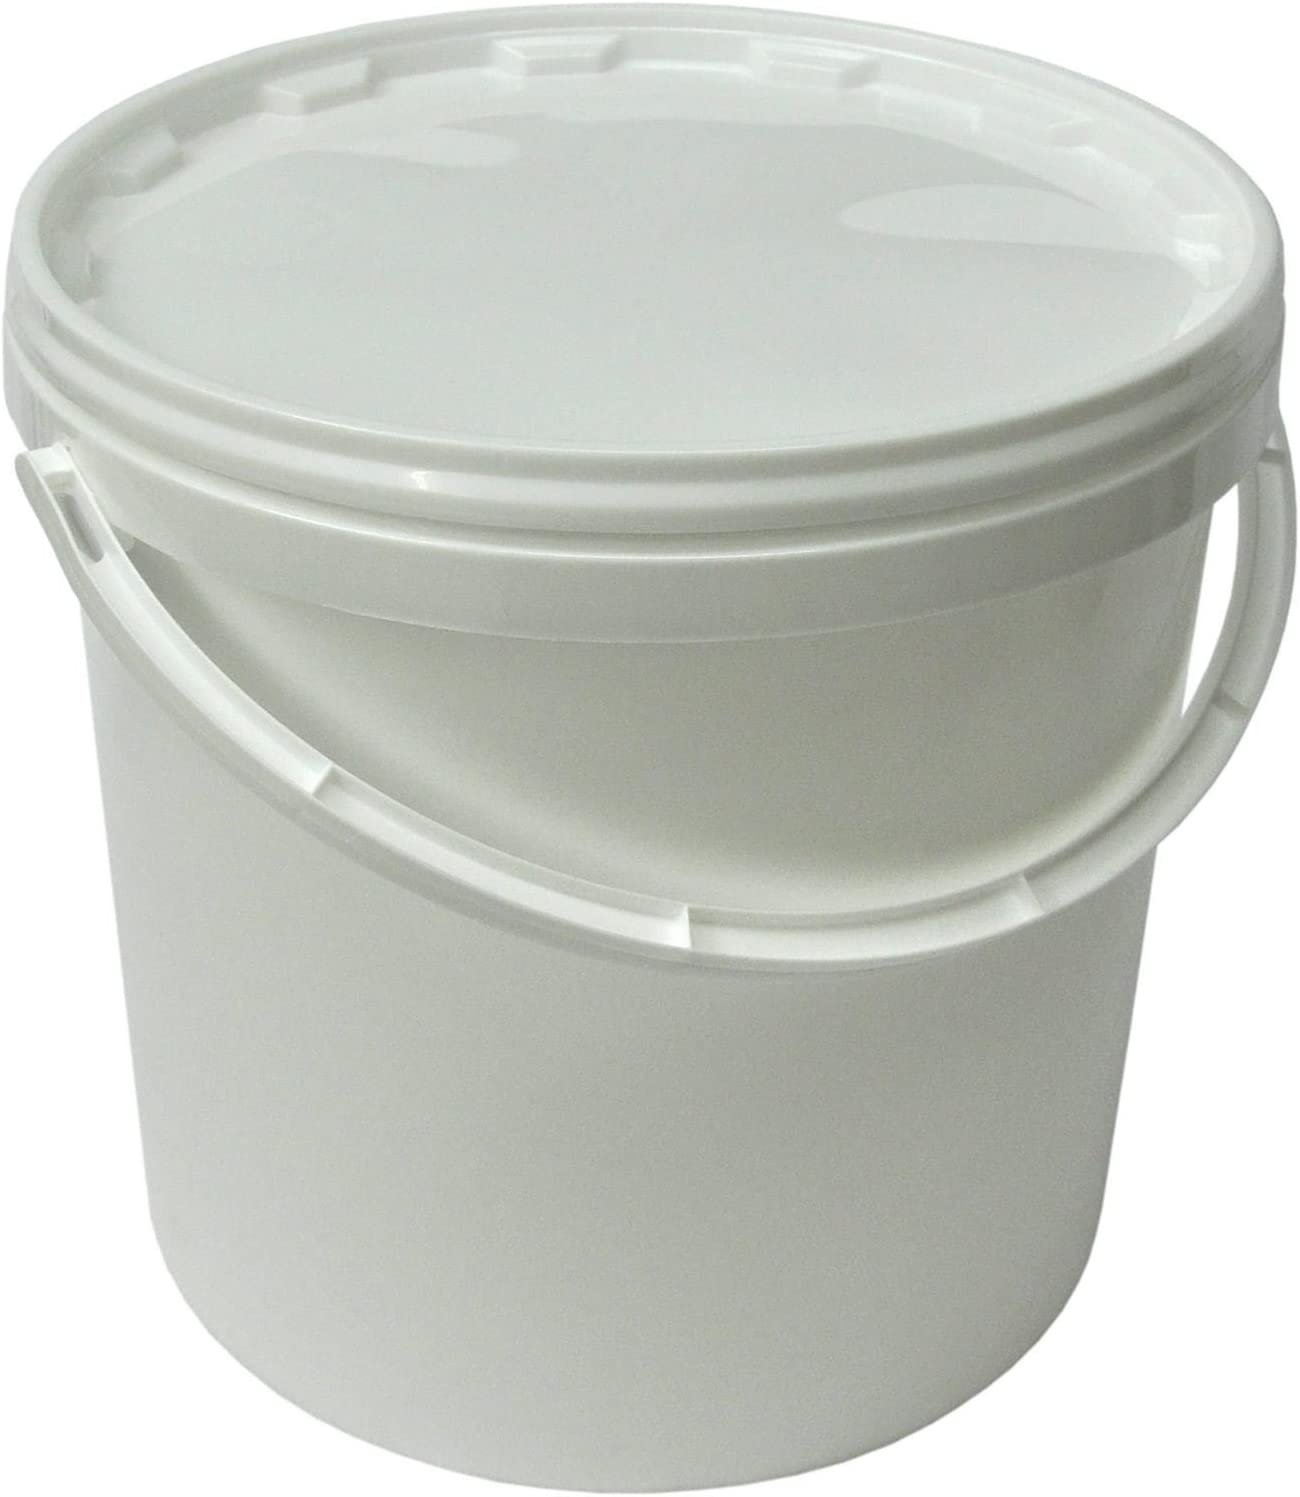 50x22051 Lot de 50 seaux plastique 10 L conteneur qualit/é alimentaire avec anse et couvercle